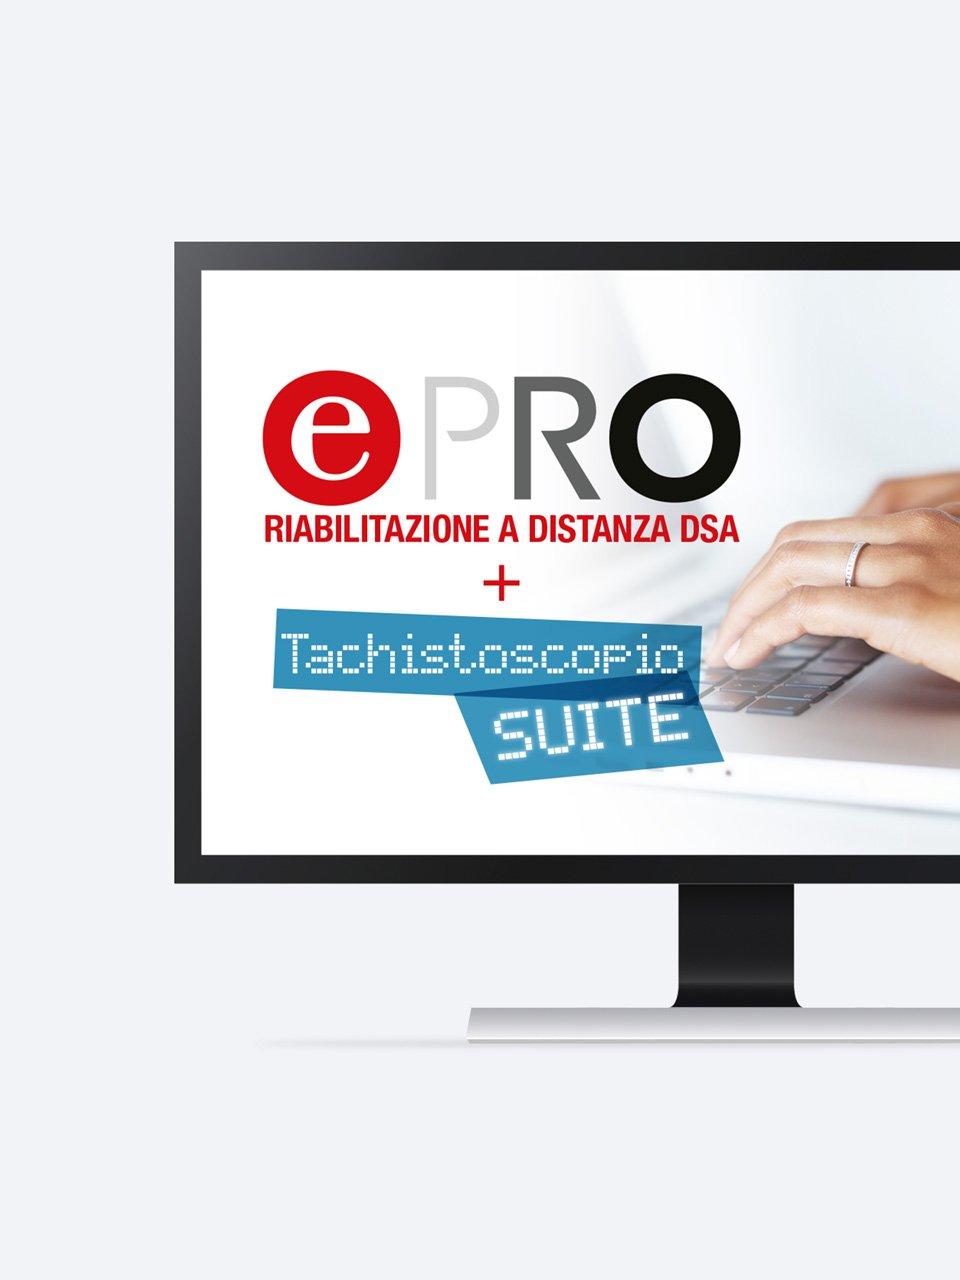 ePRO - App e software - Erickson 9